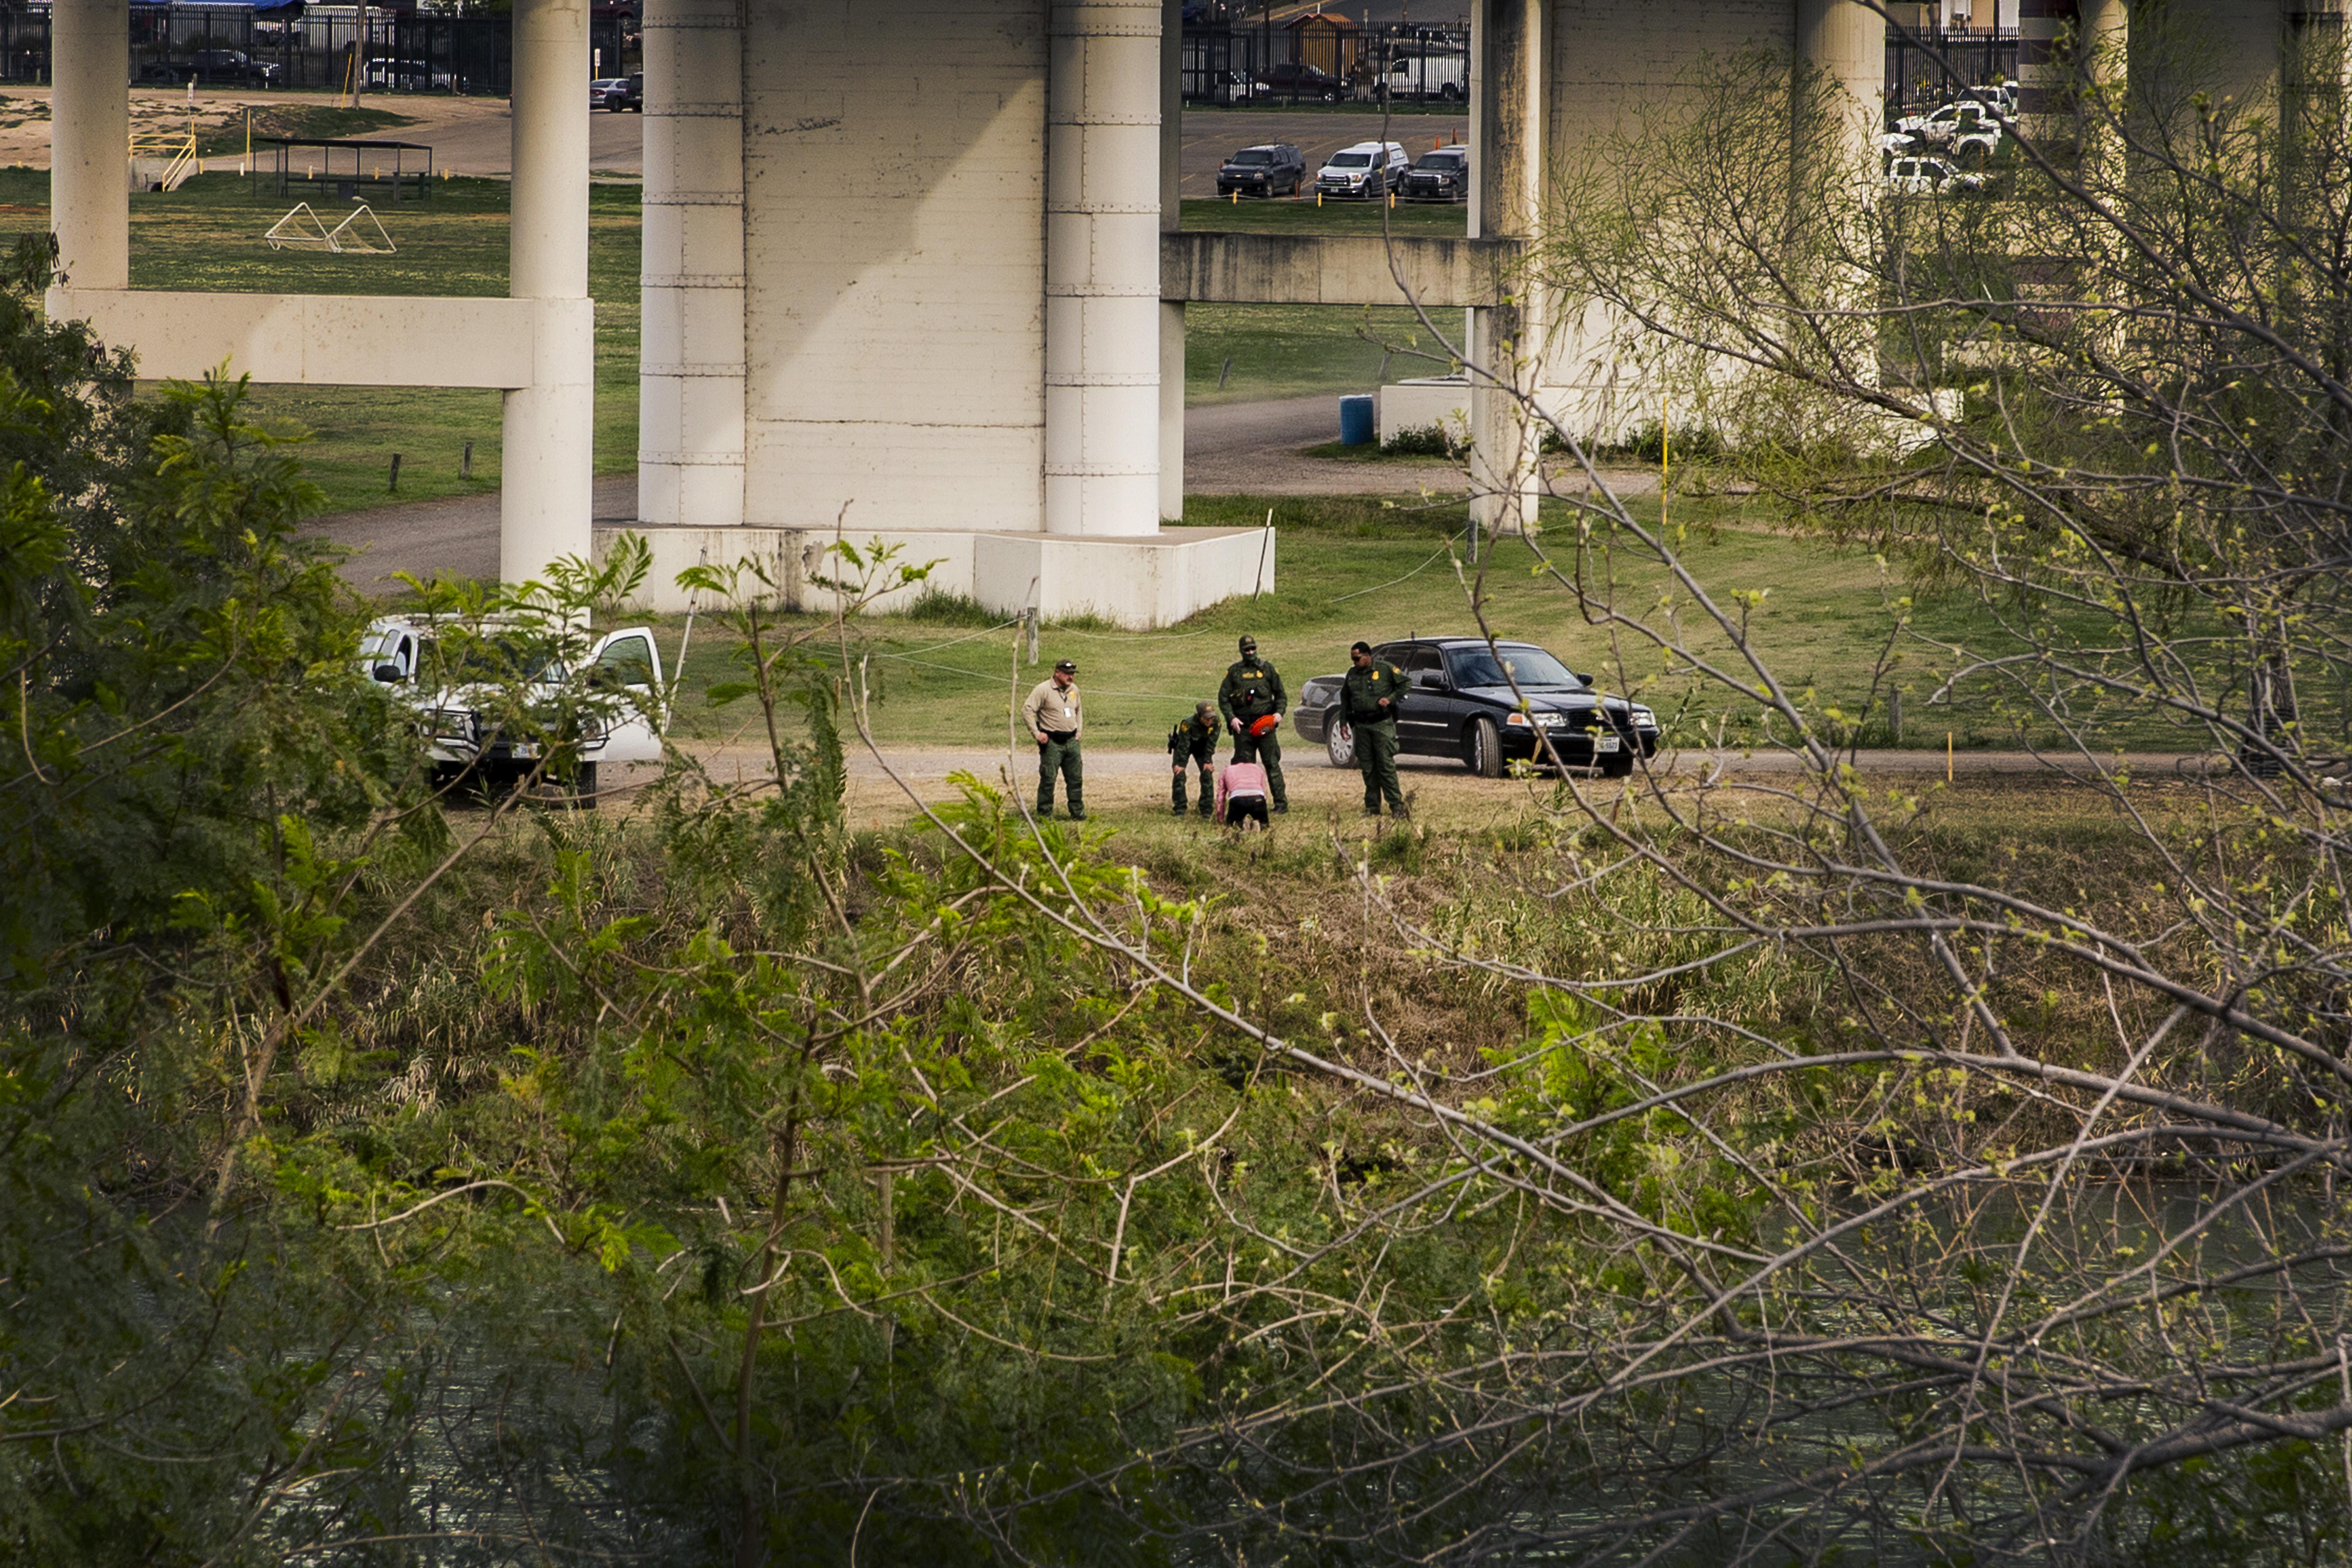 Un couple de migrants est arrêtéparla police des frontièresaméricaine au pont international Eagle Pass. Juan Carlos Tomasi/MSF